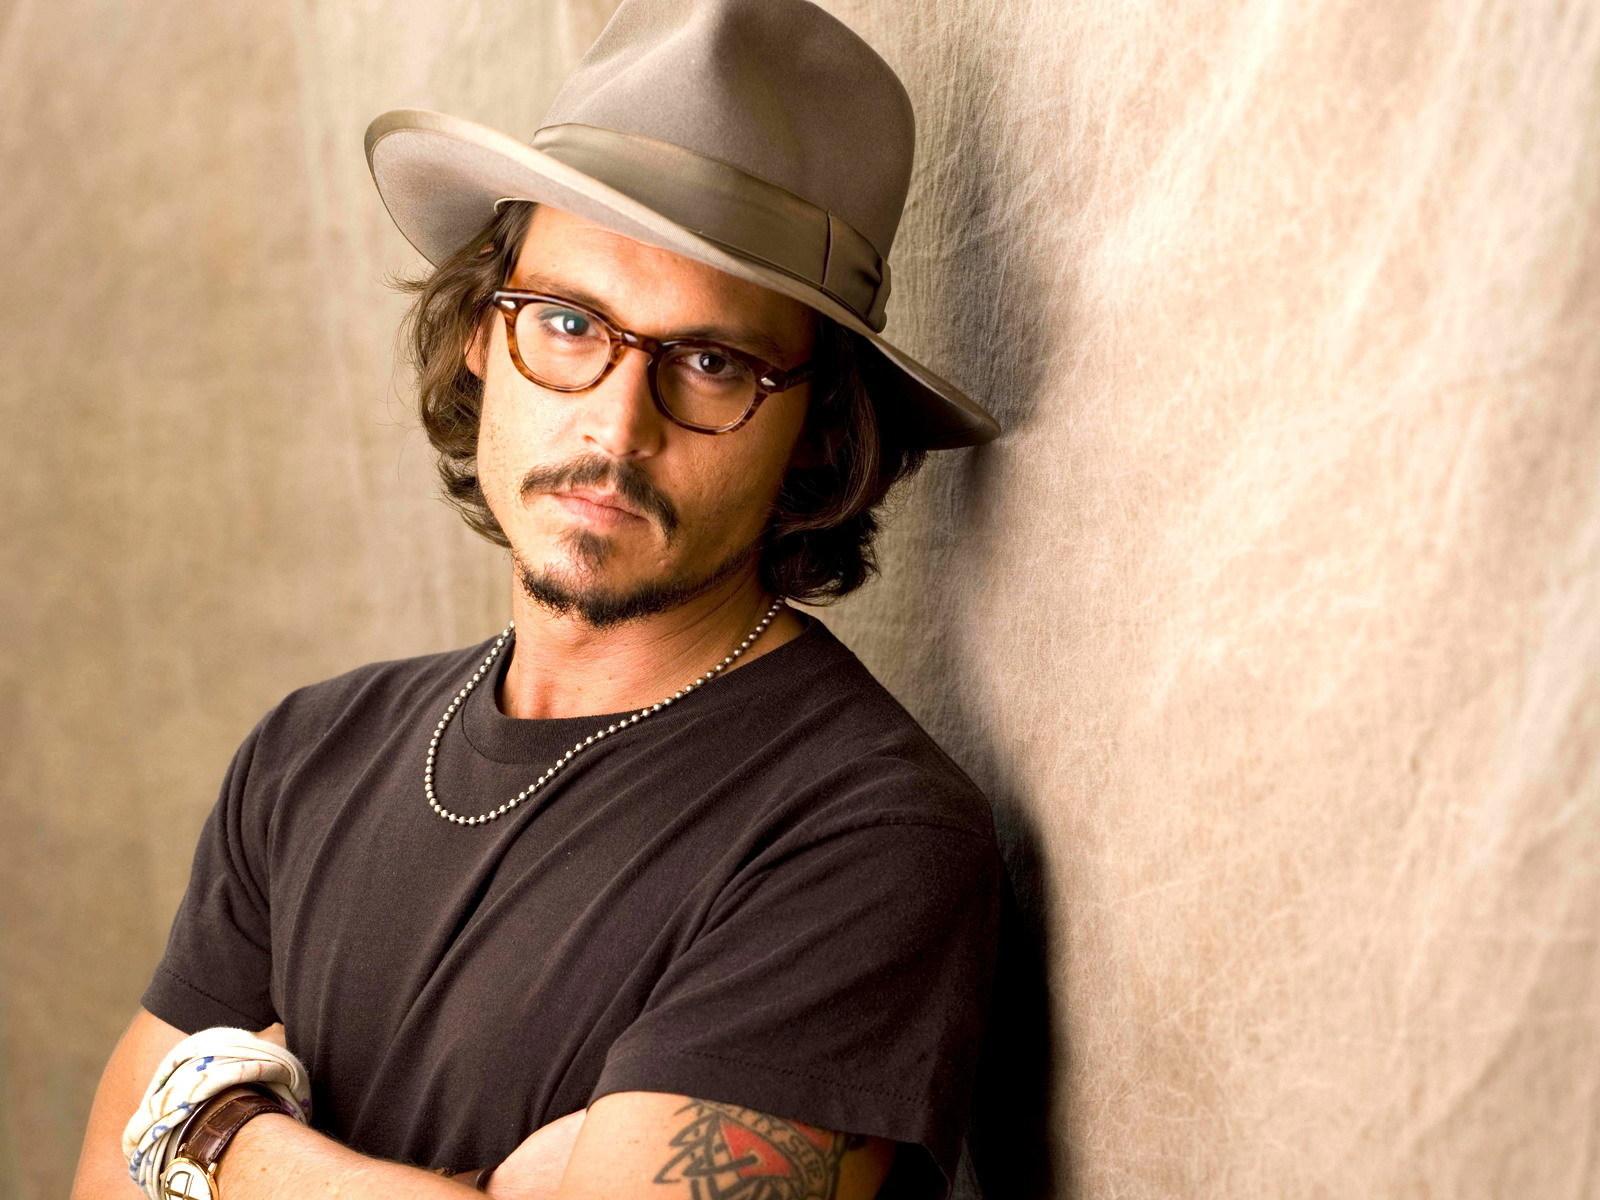 Johnny Depp 33 High Resolution Wallpaper